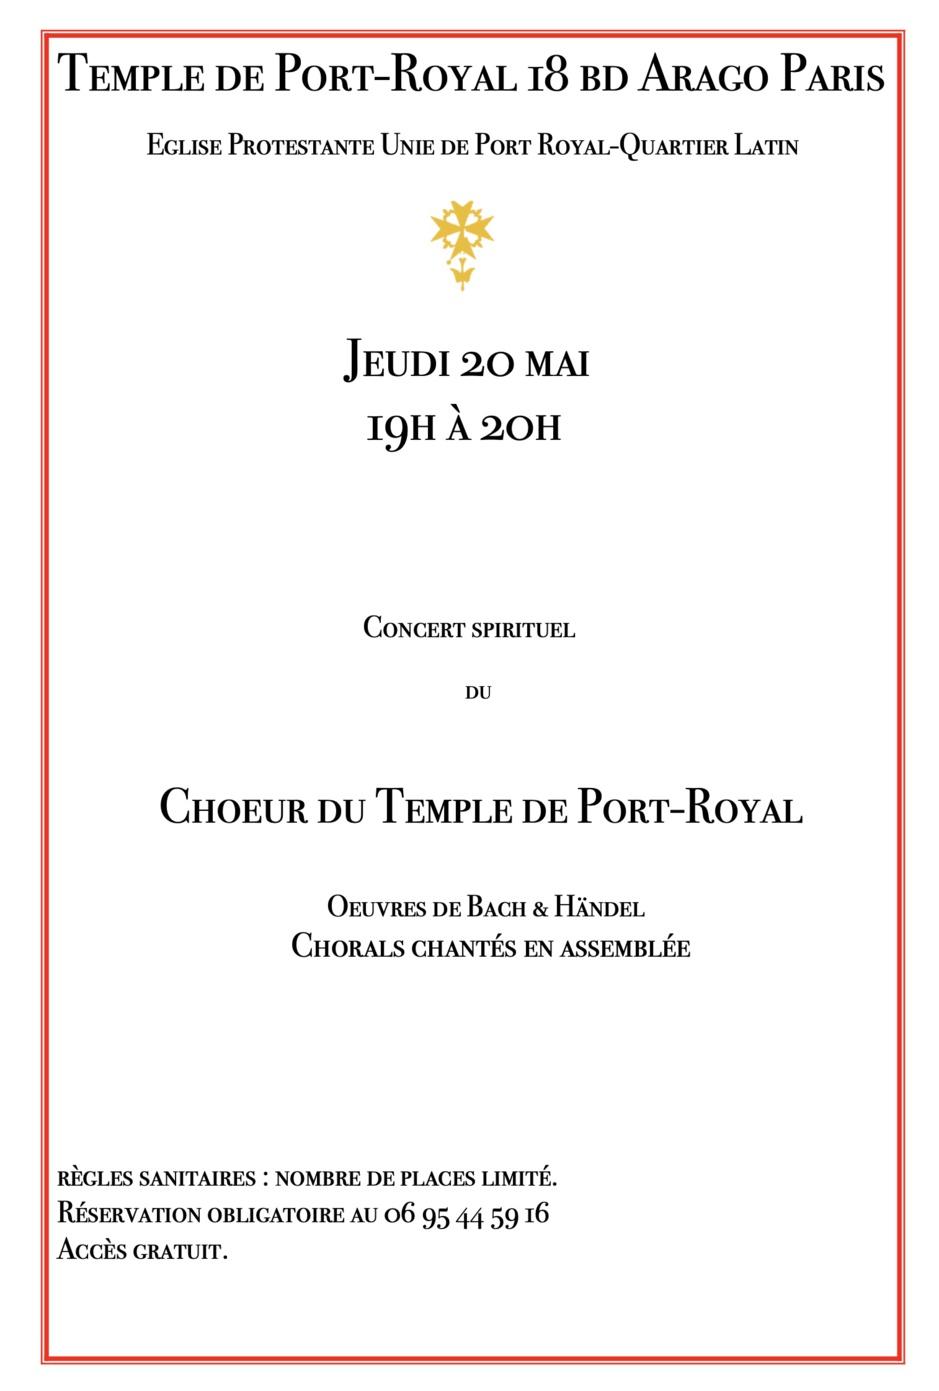 CONCERT DU TEMPLE DE PORT ROYAL